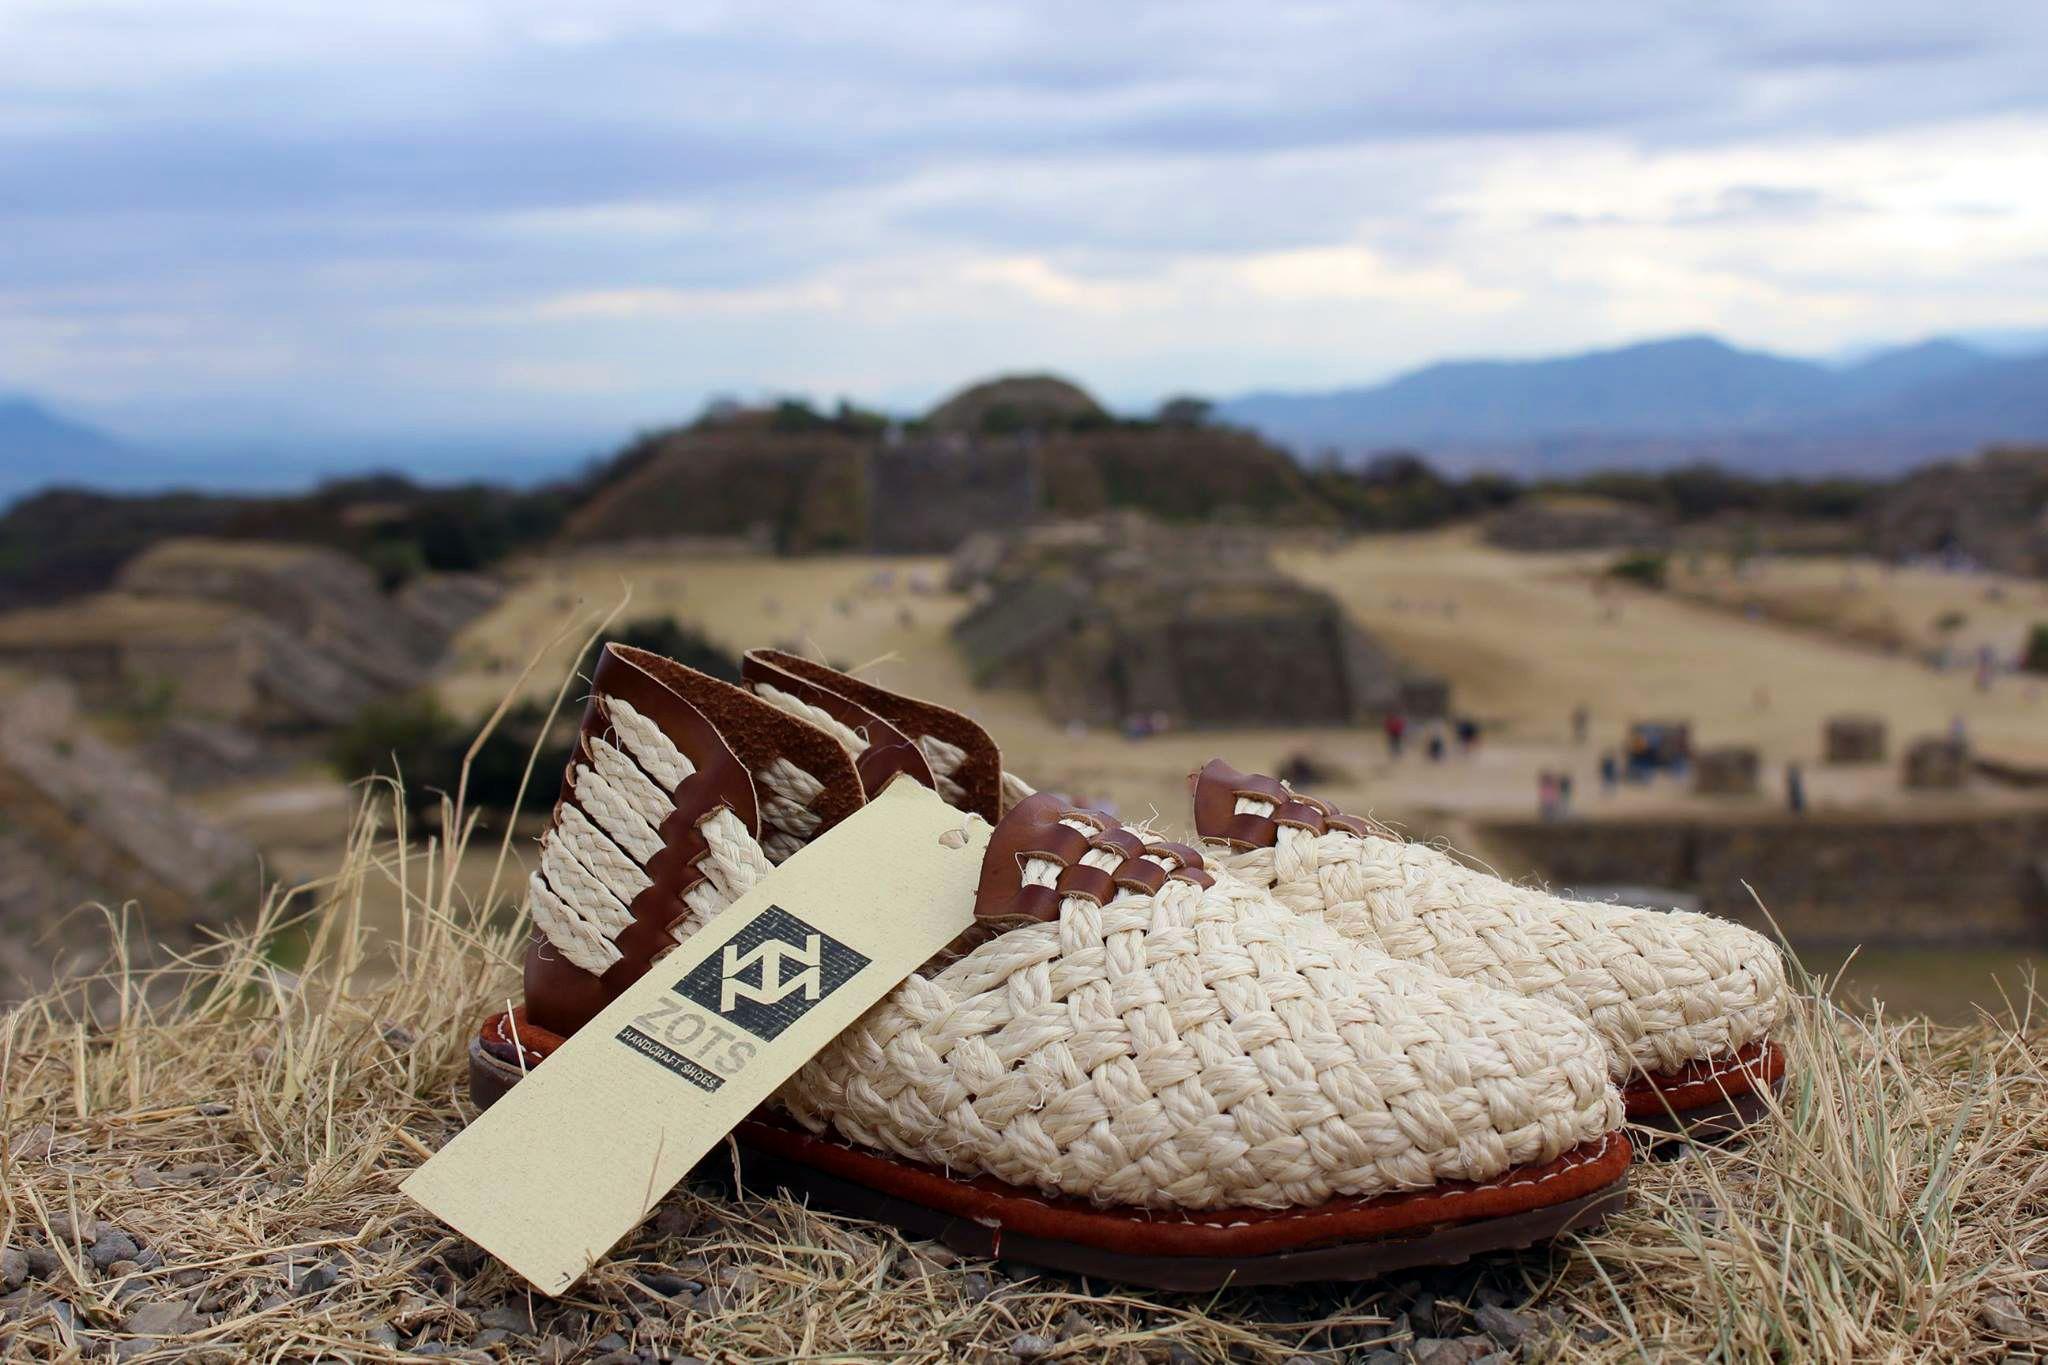 Habías visto un zapato así? #biker  #diseñadoresmexicanos #arteydiseñomexicano #streefashion #urbanstyle #handmade #hechoenméxico #artesanal #trend #fashion #shoes #zapatos #hechoEnMéxico #CalzadoArtesanal #mexicanart #Huaraches #bolsaartesanal #hechoporartesanos